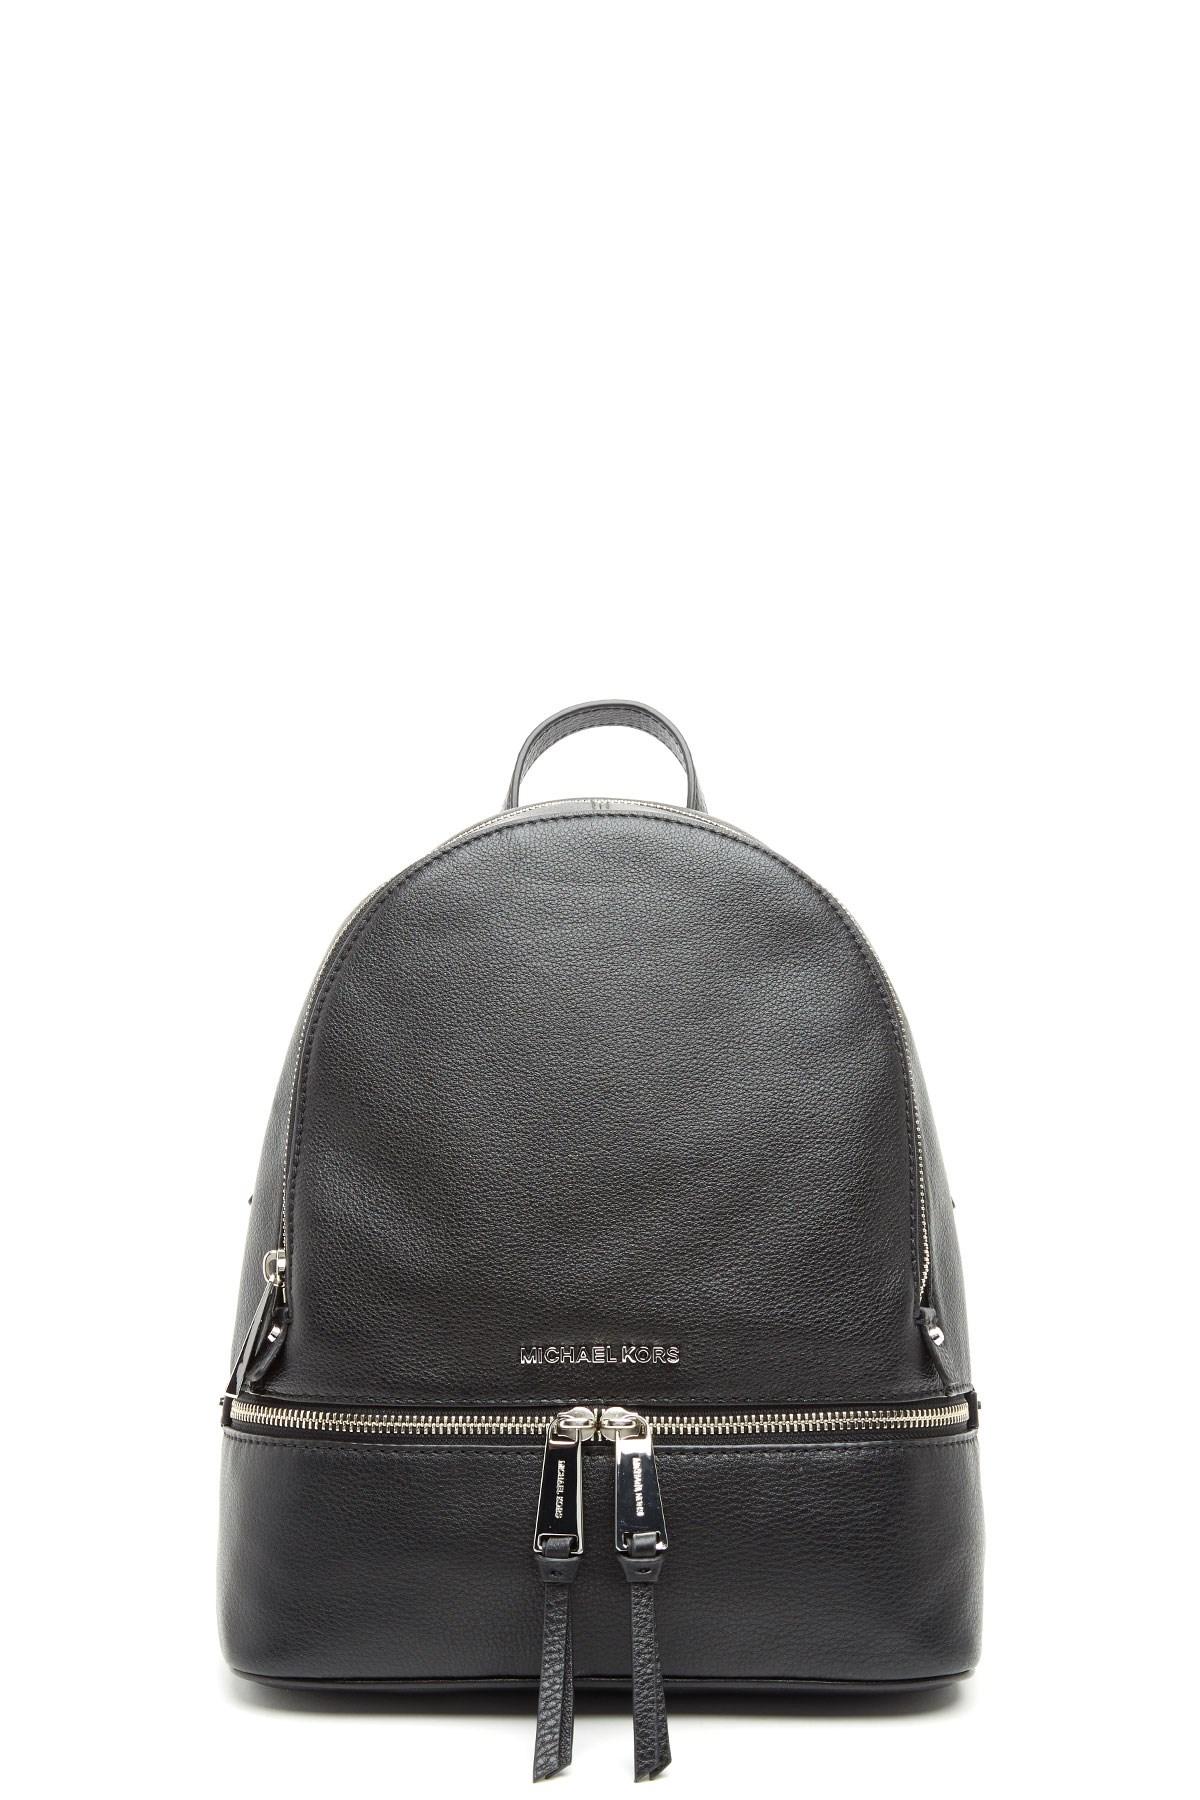 891d66e654 michael michael kors  Rhea  backpack available on julian-fashion.com ...